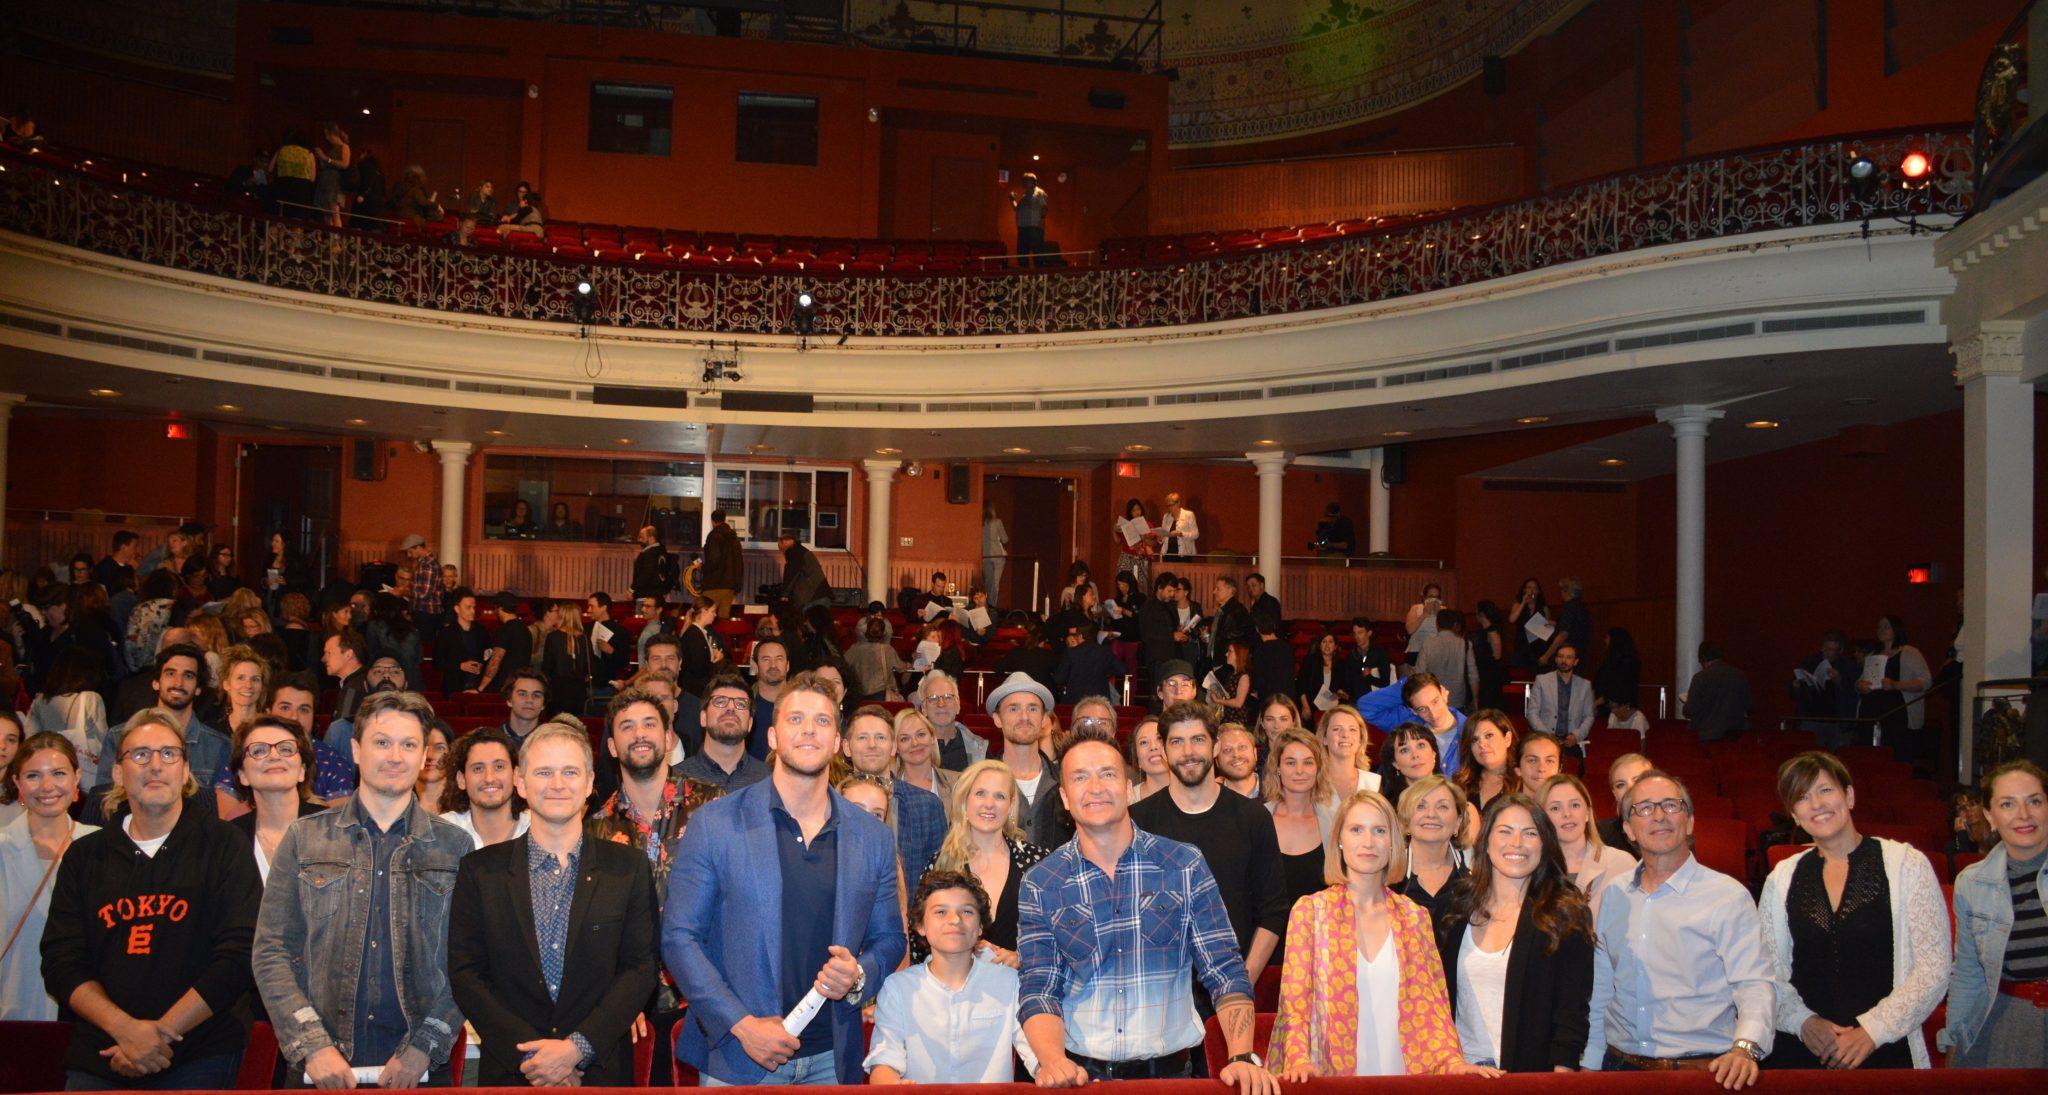 Les finalistes des 33esprix Gémeaux :District 31etFugueusearrivent en tête de liste avec 12 nominations chacune